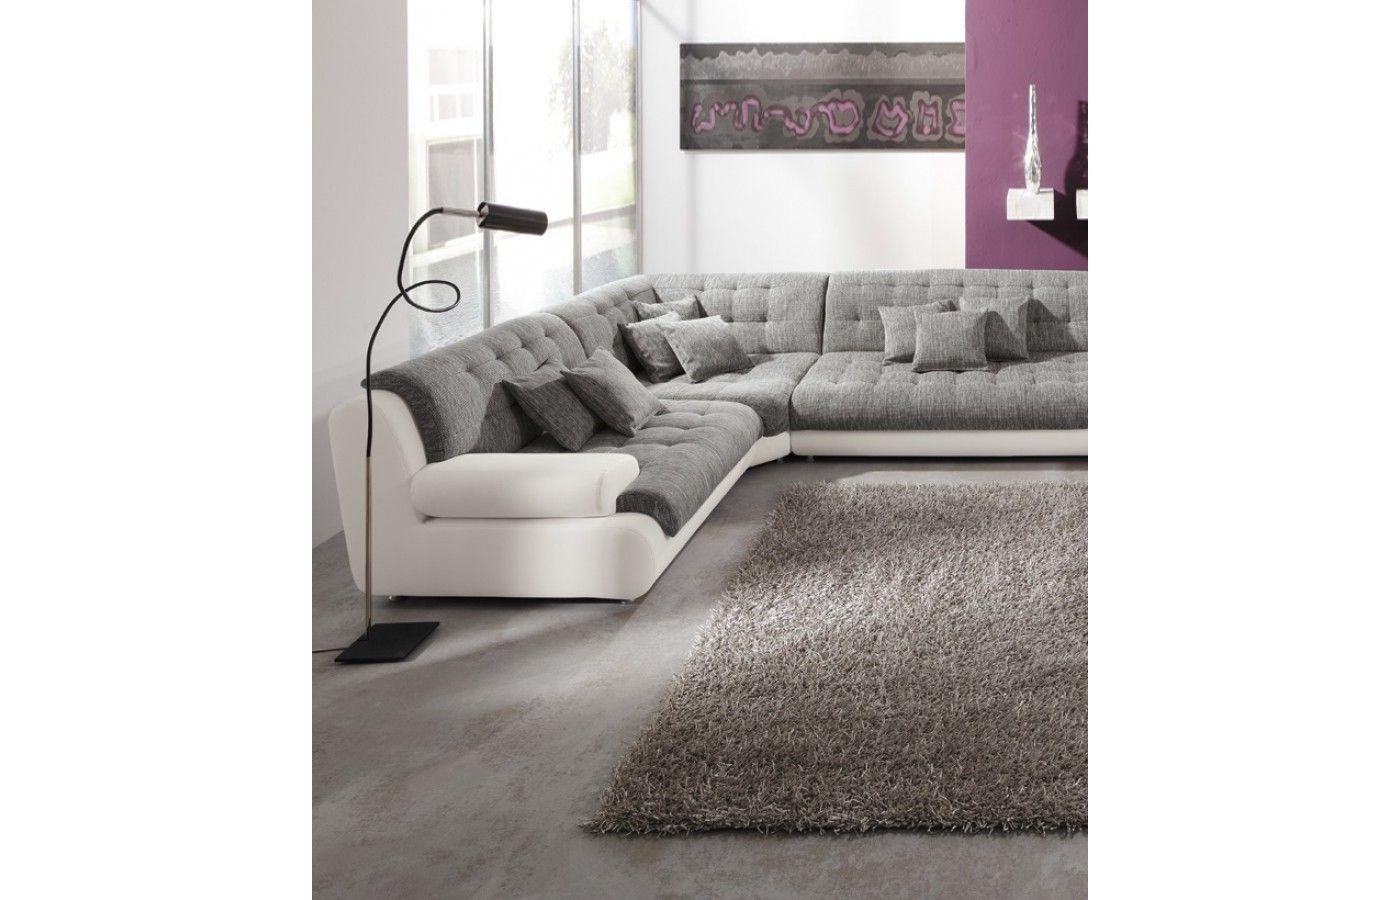 Materialmix Wohnlandschaft Leder Stoff Chillout Two Wohnen Sofa Design Günstige Sofas